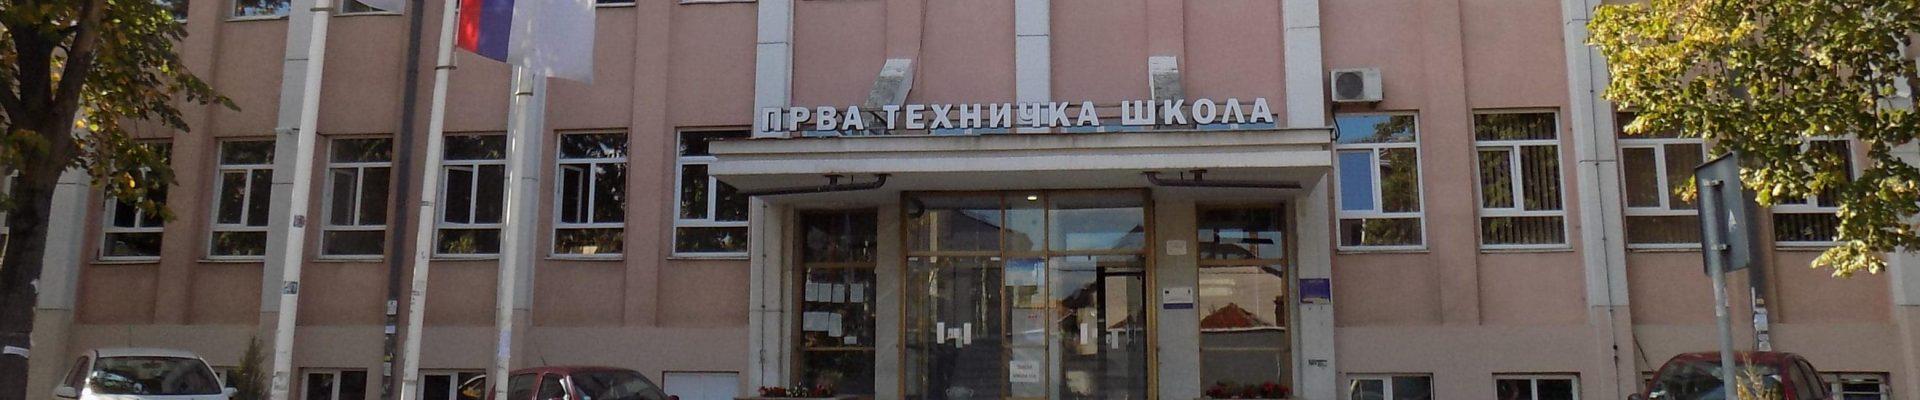 Прва техничка школа